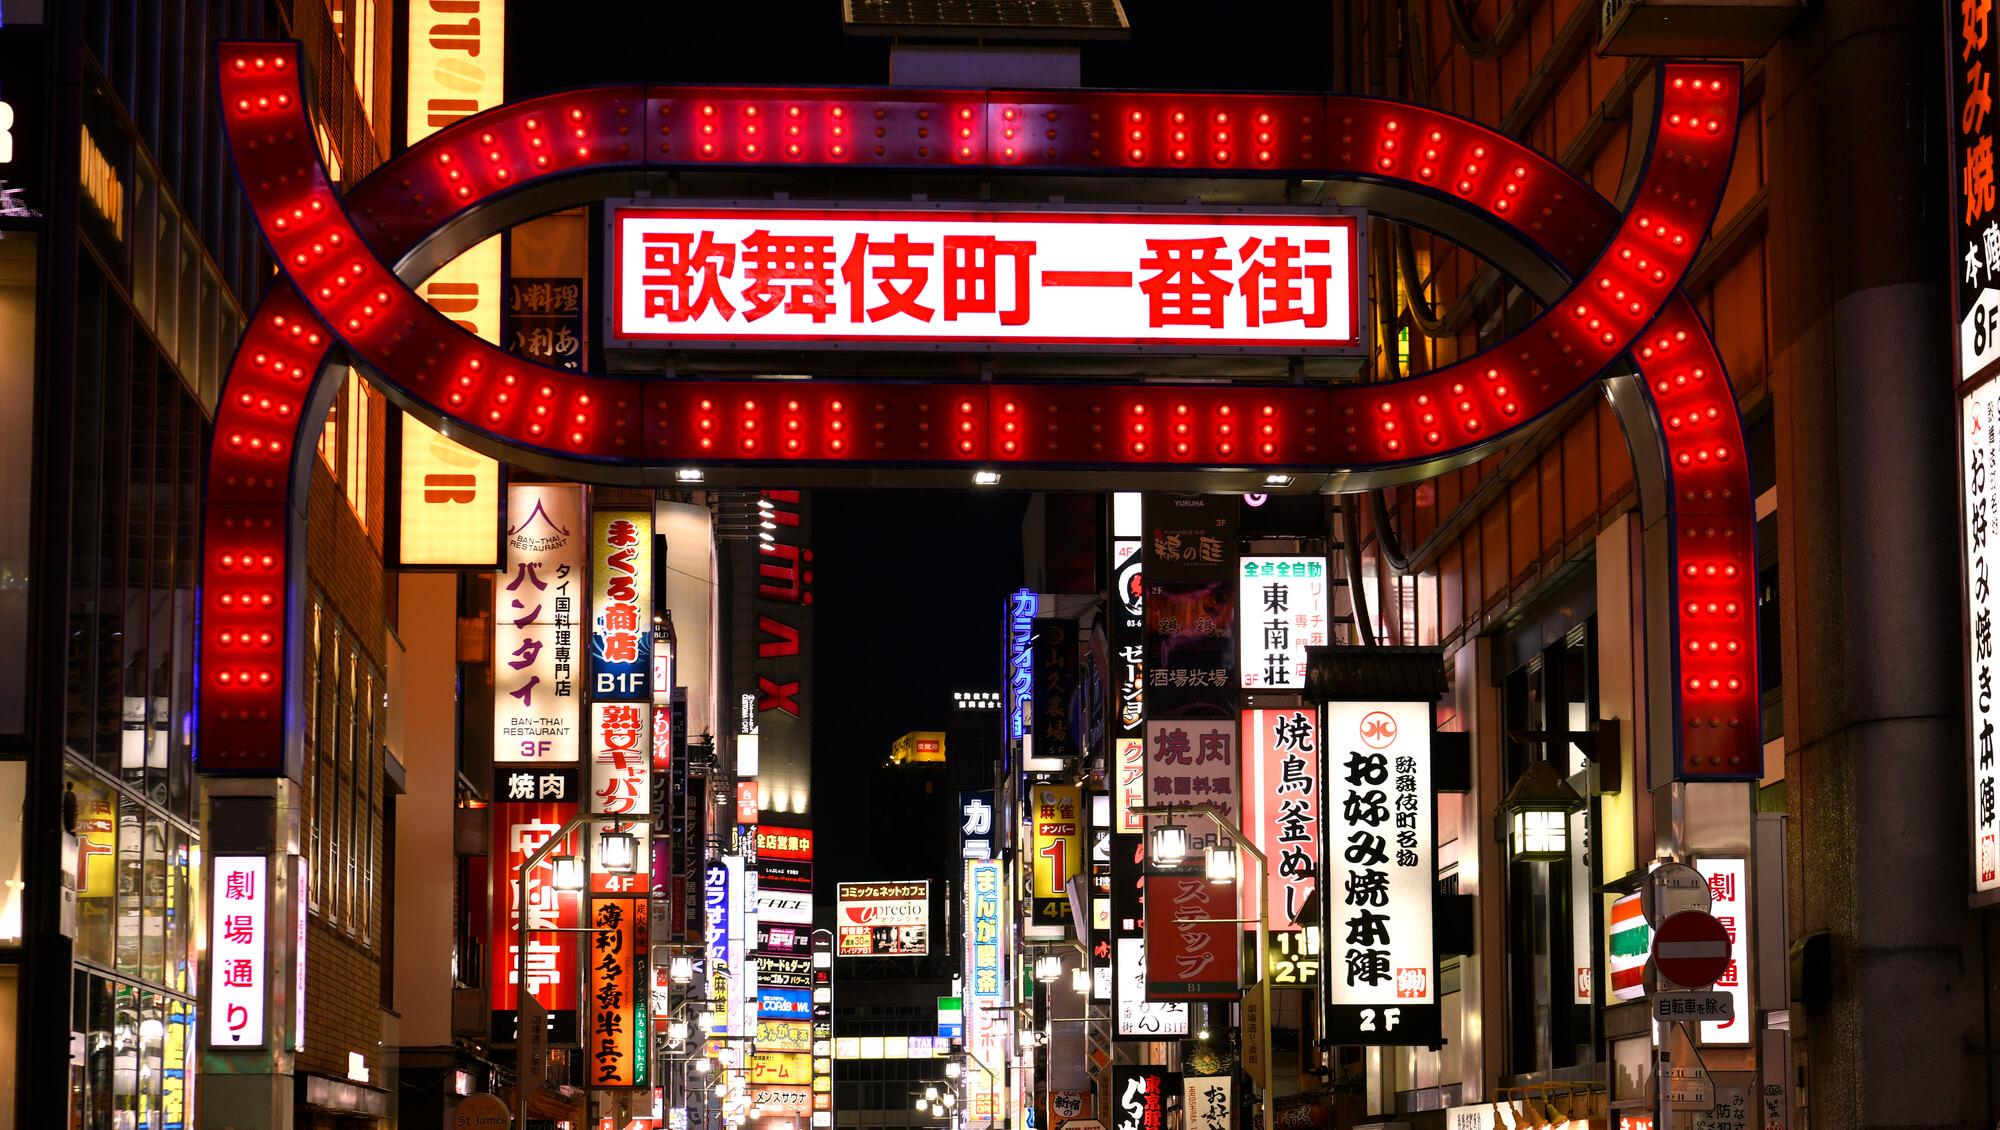 2021年冬、最新版! 歌舞伎町ホストクラブ人気店ランキング・ベスト5♡おまけつき